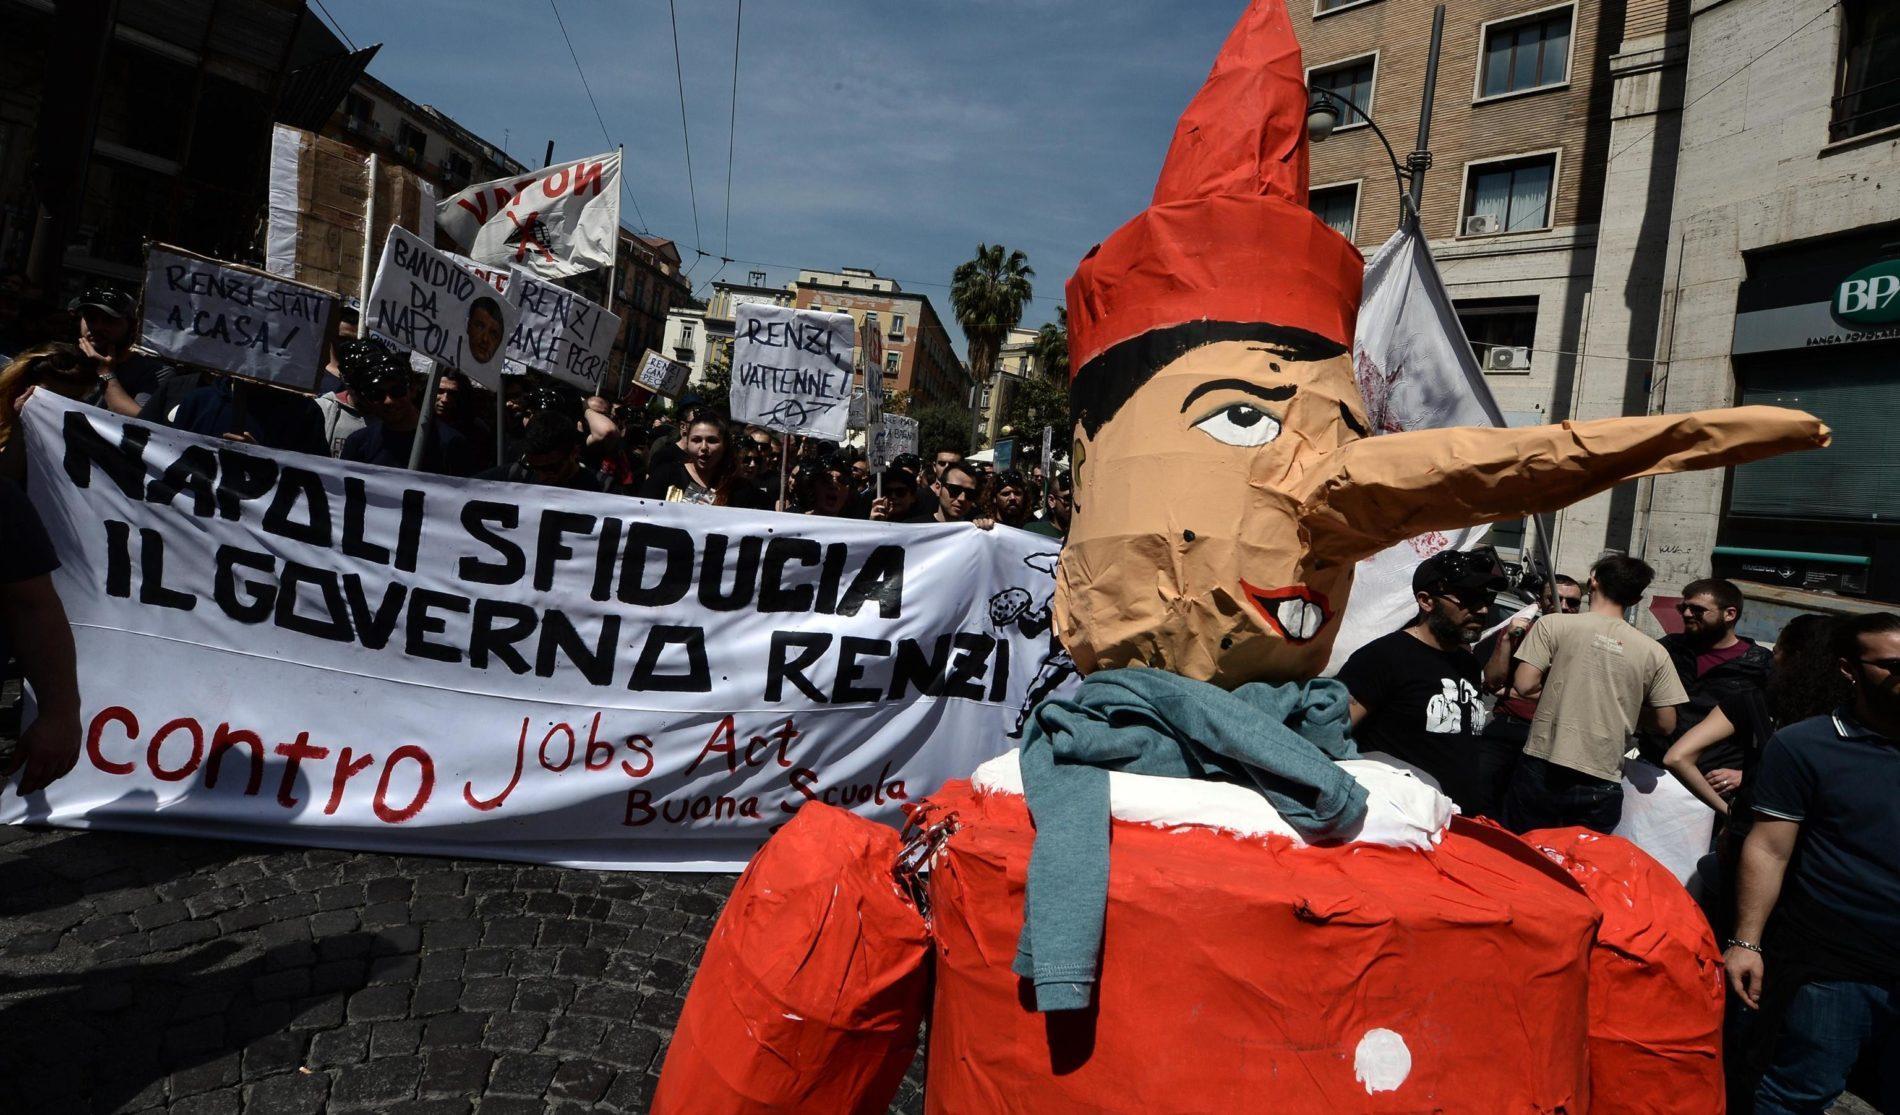 Napoli rivoluzionaria